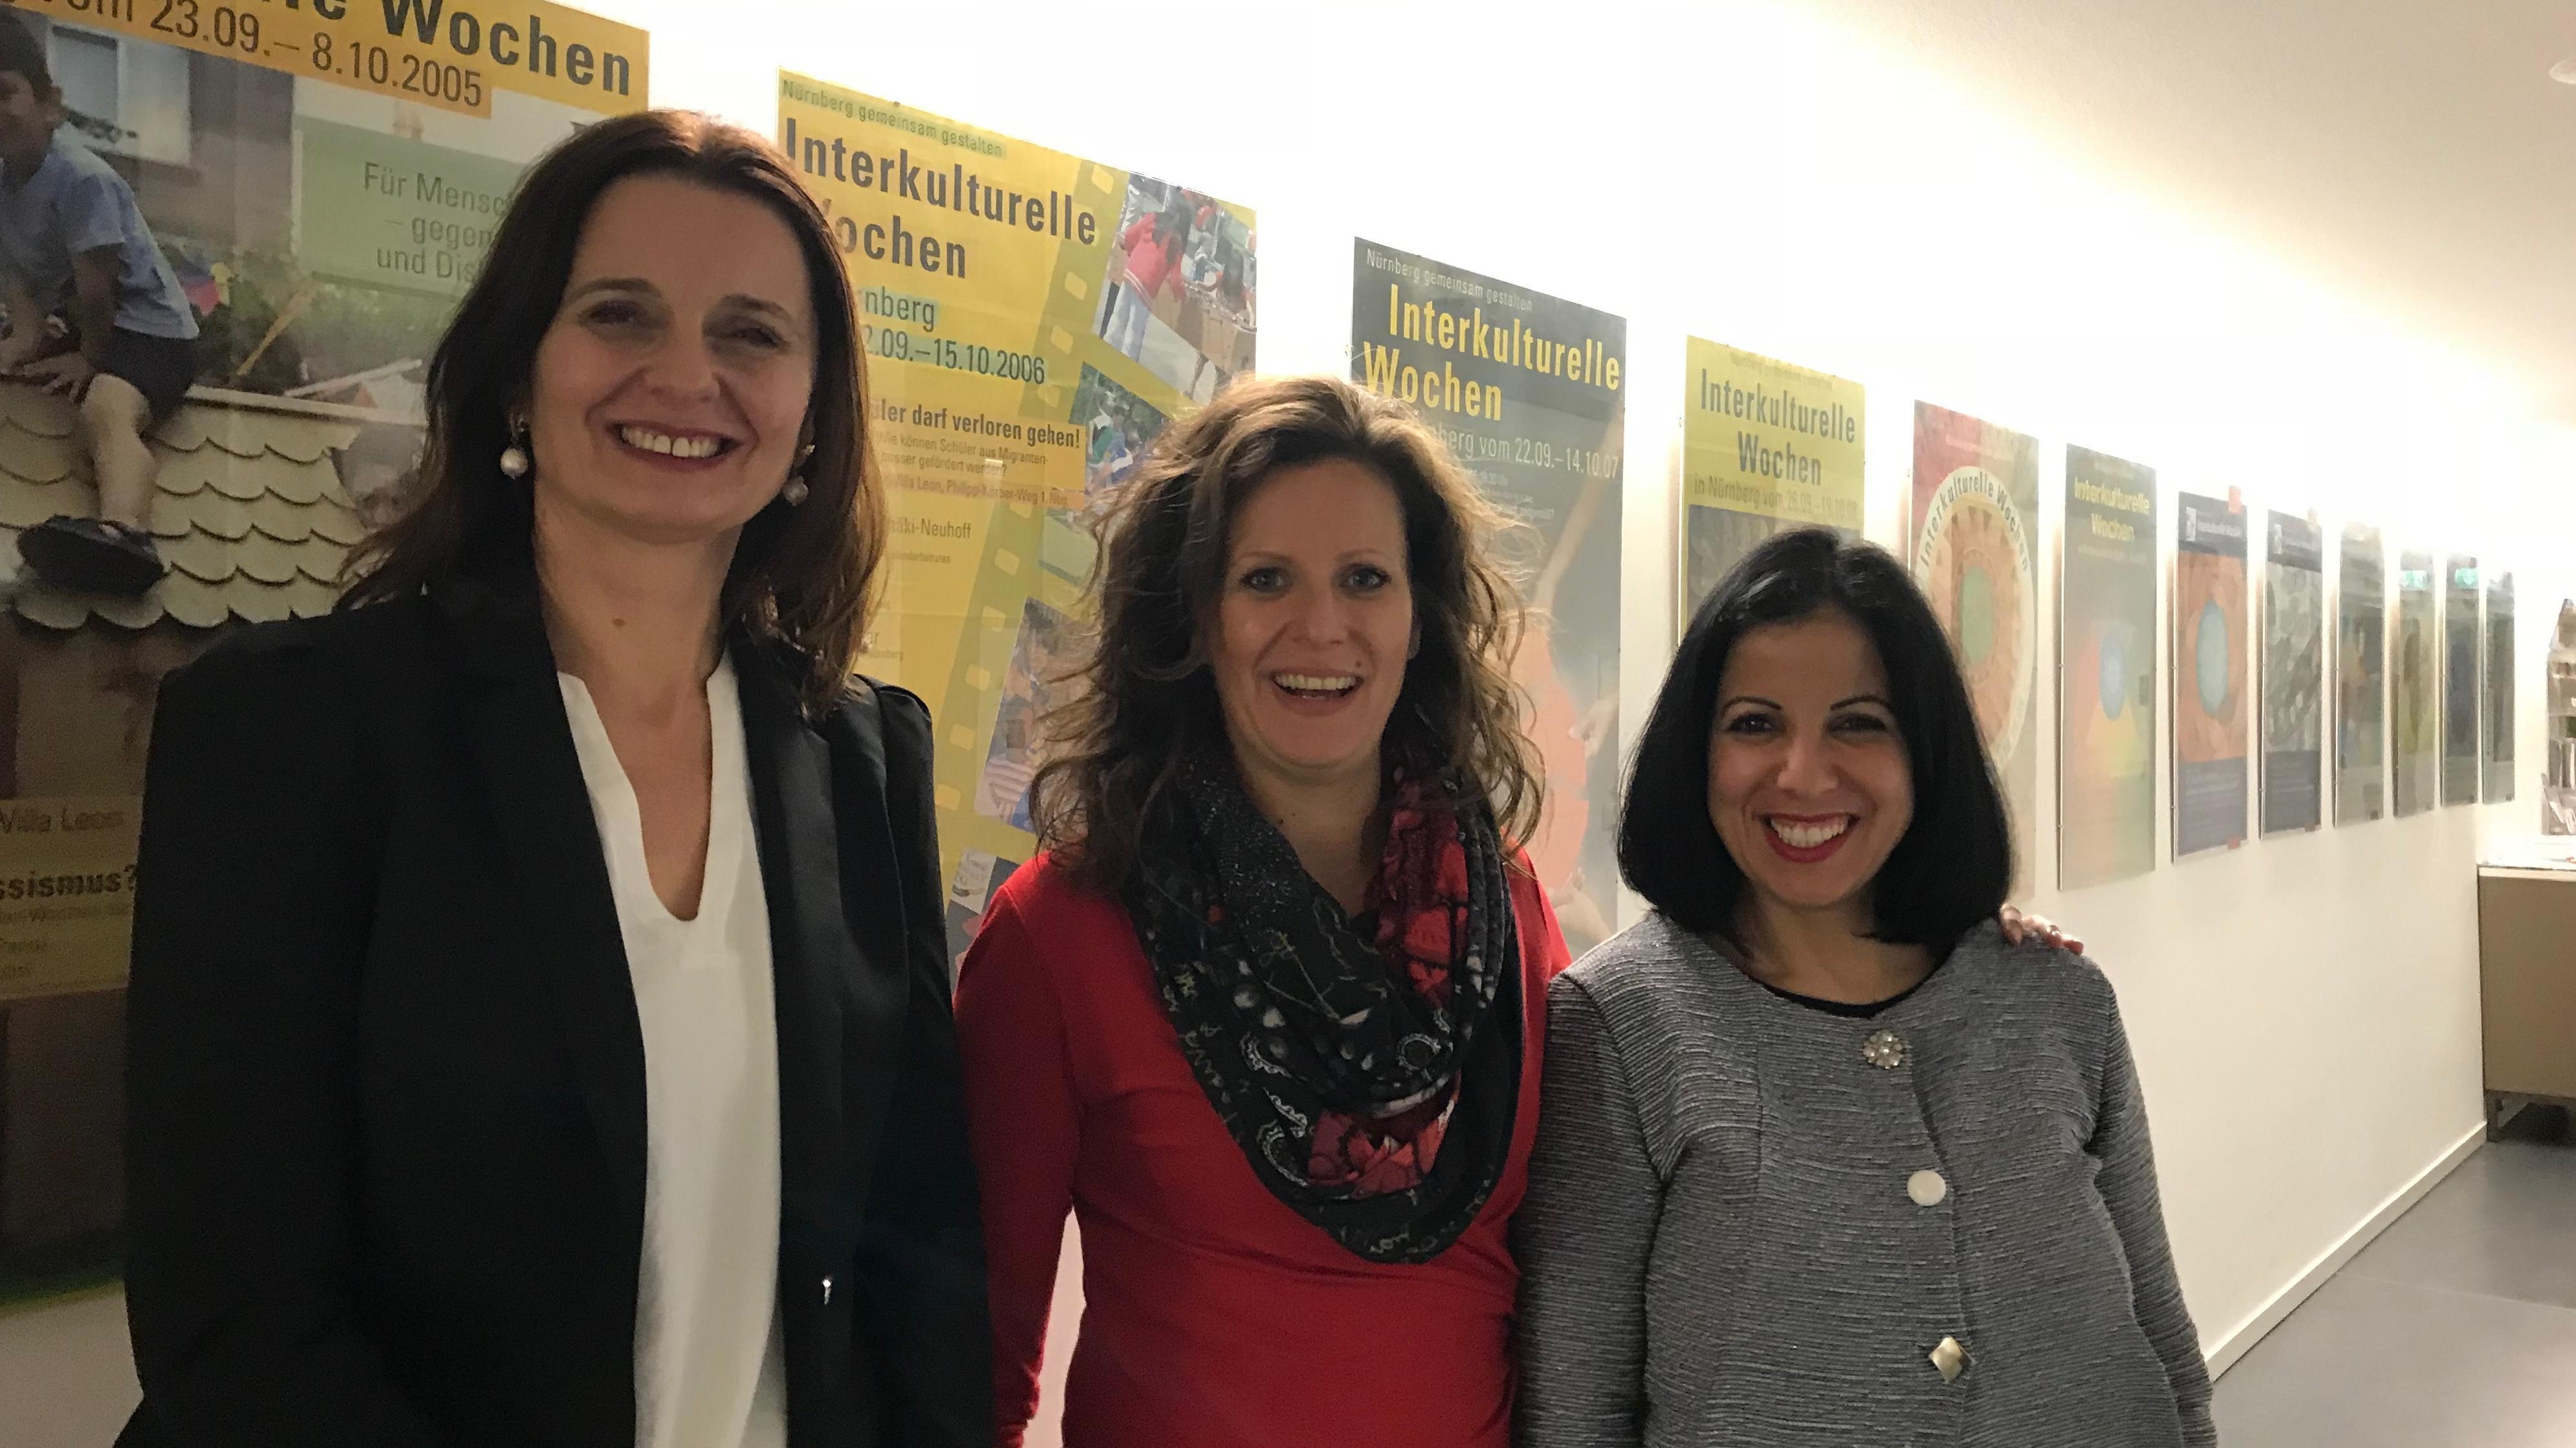 Migrantinnen in die Politik: Marija Jehle, Reka Lörincz und Hanane Malki sind drei, die sich politisch engagieren wollen.